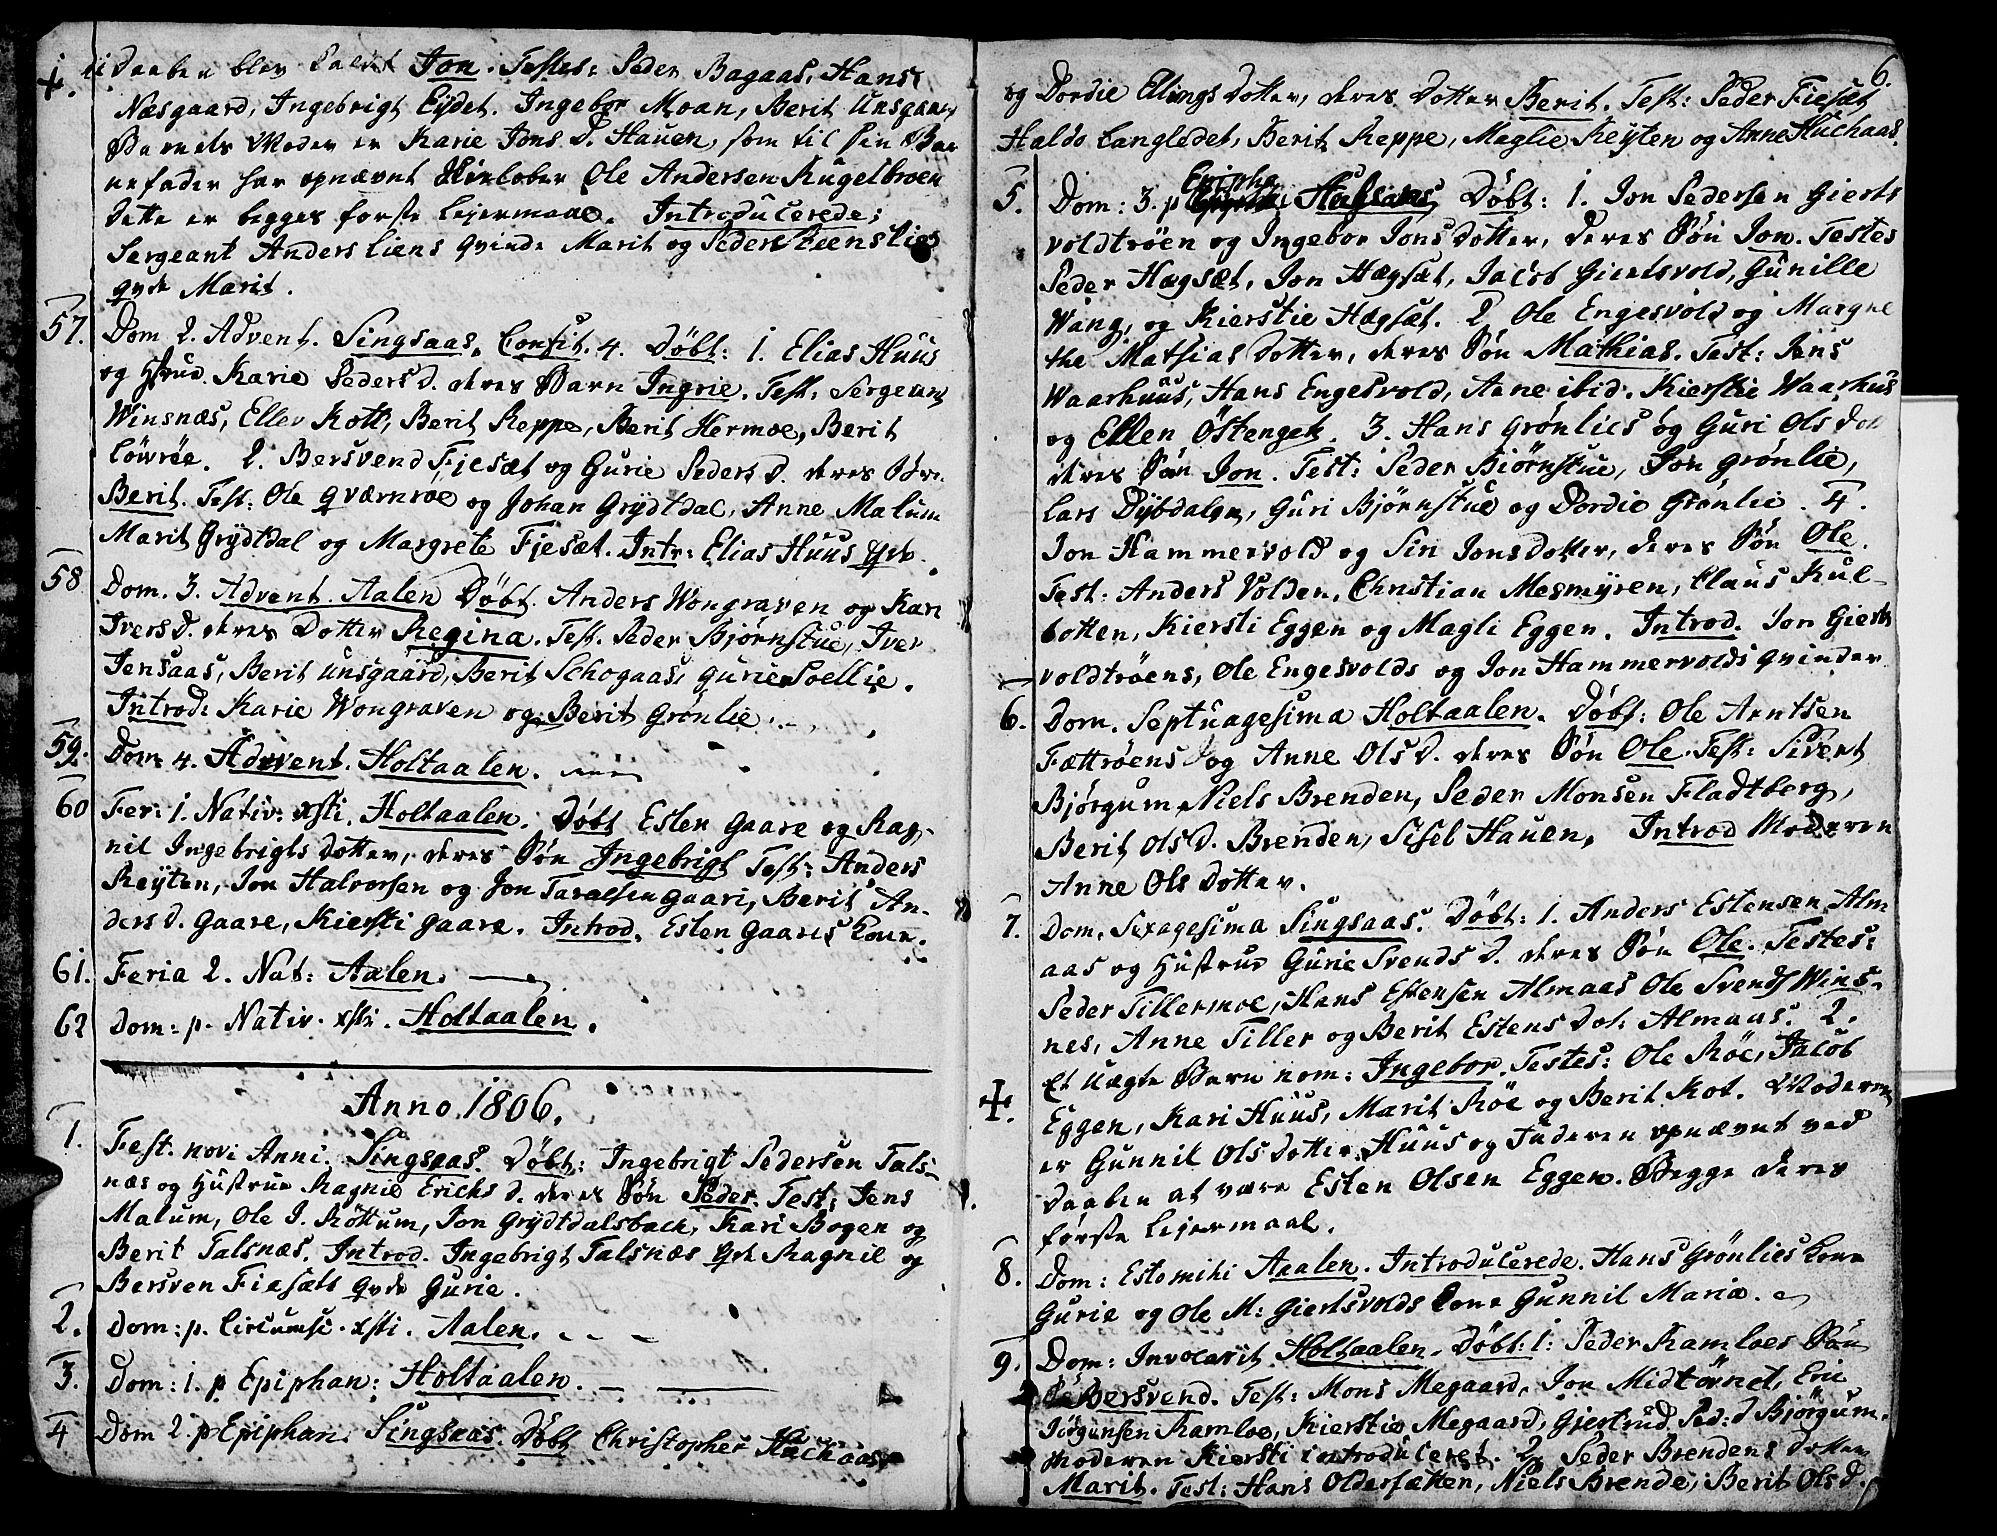 SAT, Ministerialprotokoller, klokkerbøker og fødselsregistre - Sør-Trøndelag, 685/L0953: Ministerialbok nr. 685A02, 1805-1816, s. 6